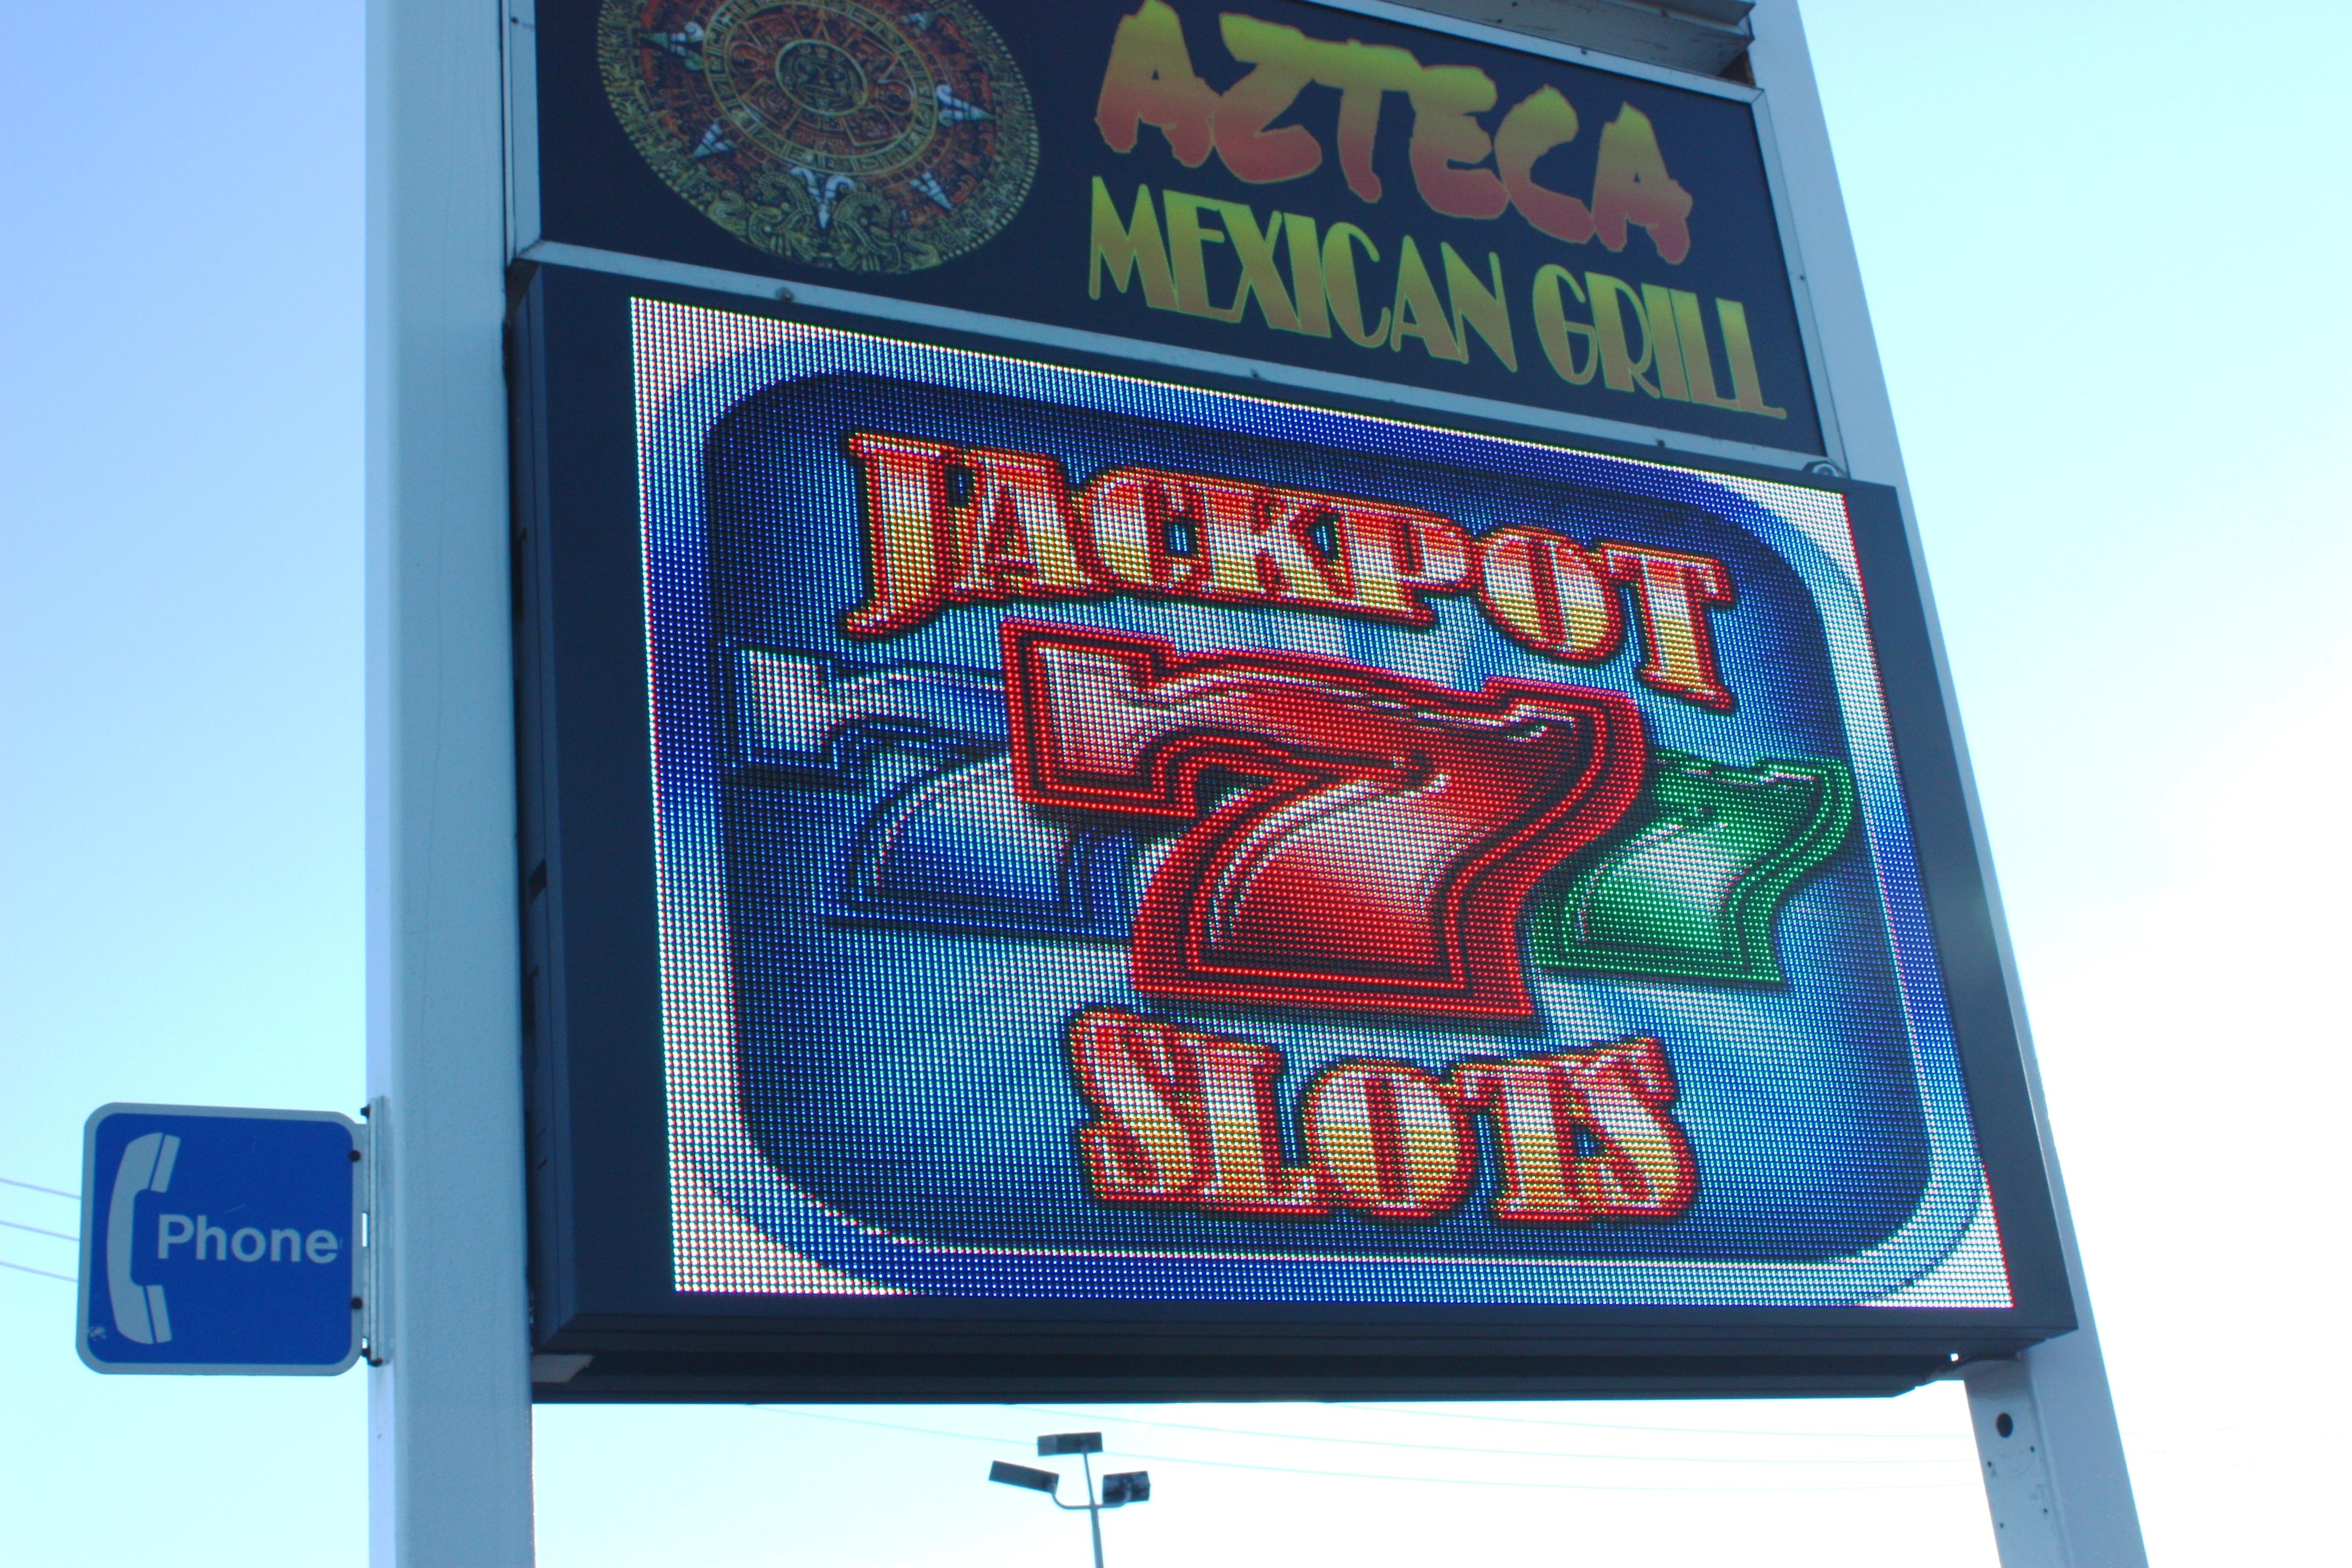 Azteca_1